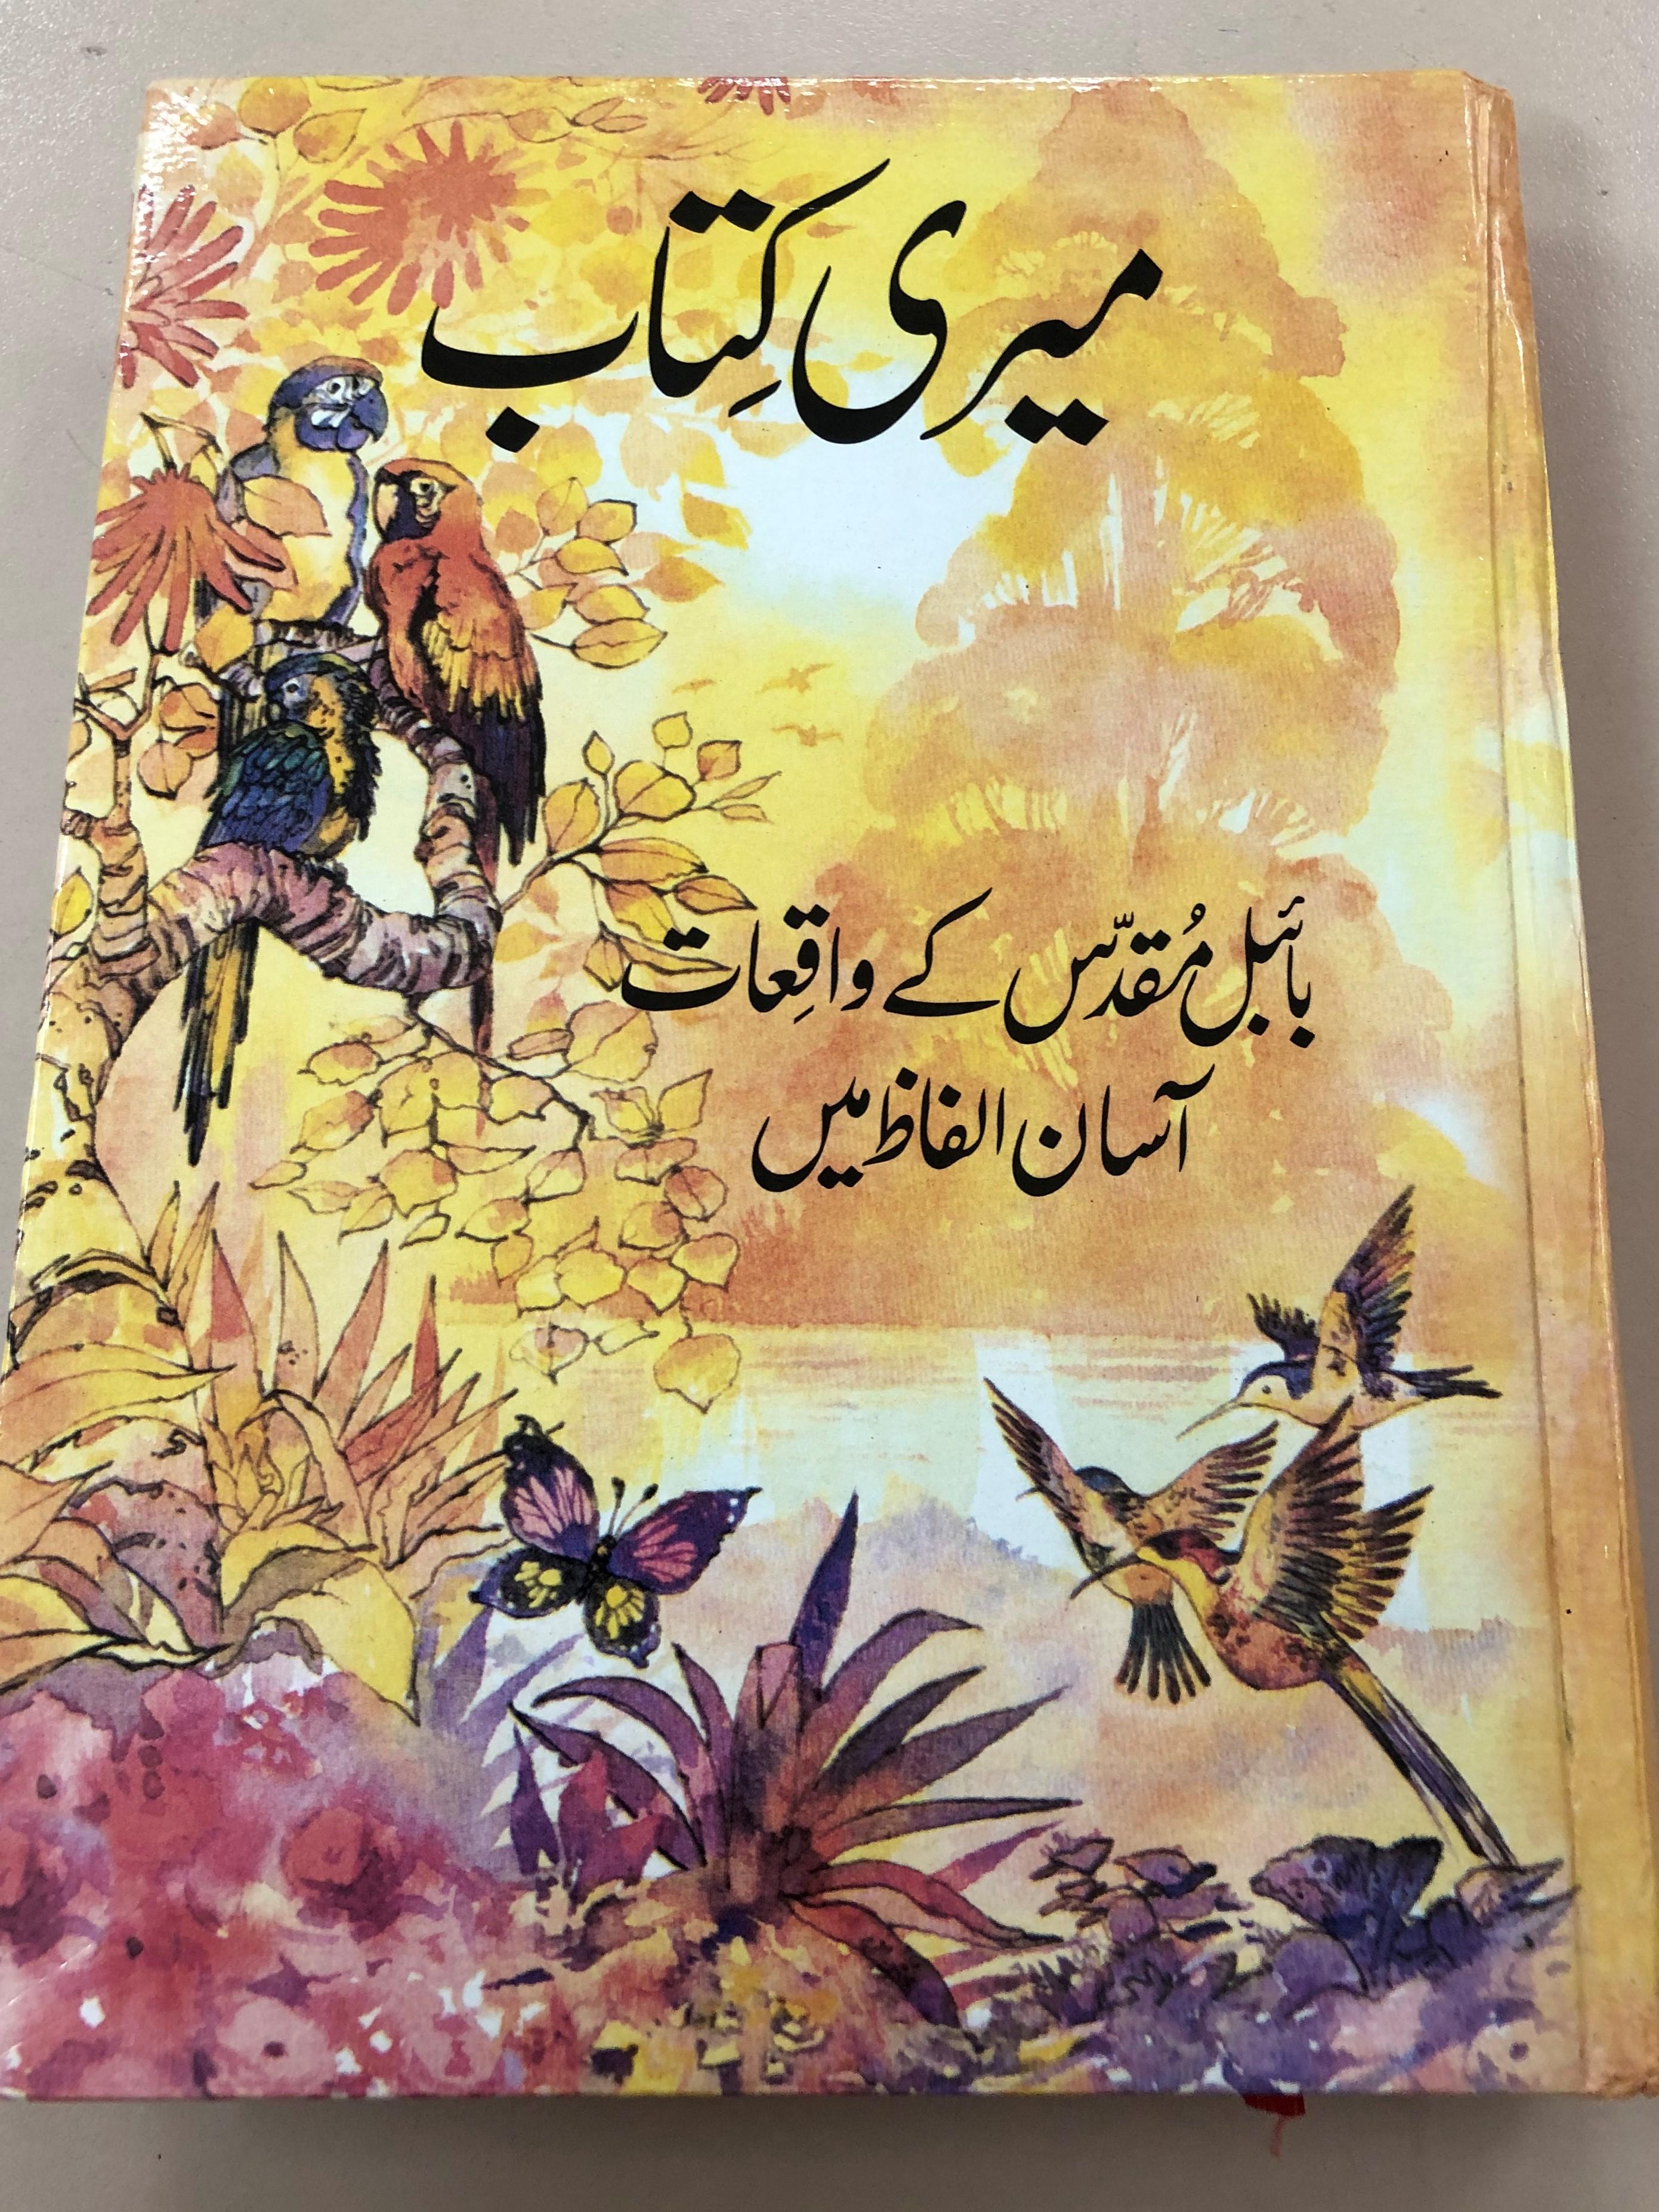 -urdu-translation-of-the-children-s-bible-by-anne-de-vries-kleutervertelboek-voor-de-bijbelse-geschiedenis-hardcover-2019-1-.jpg